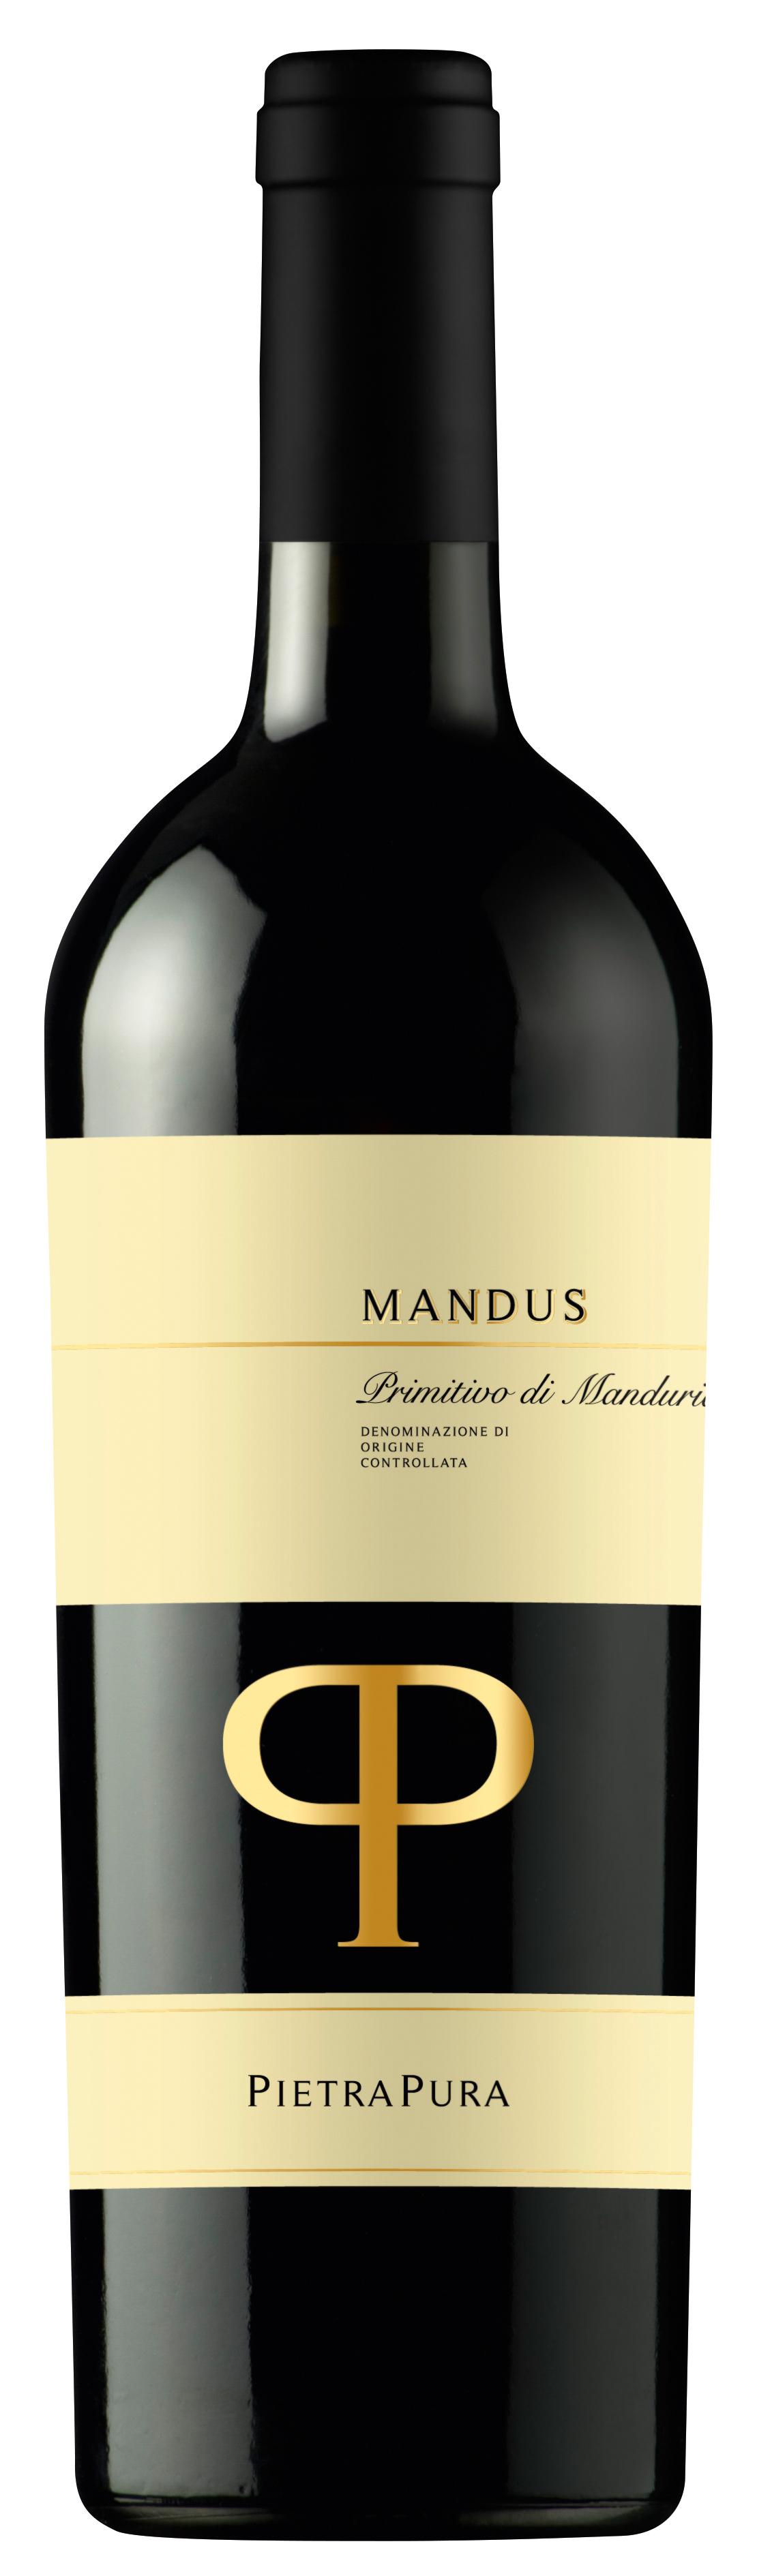 Rocca delle Macie Mandus Primitivo di Manduria 2017